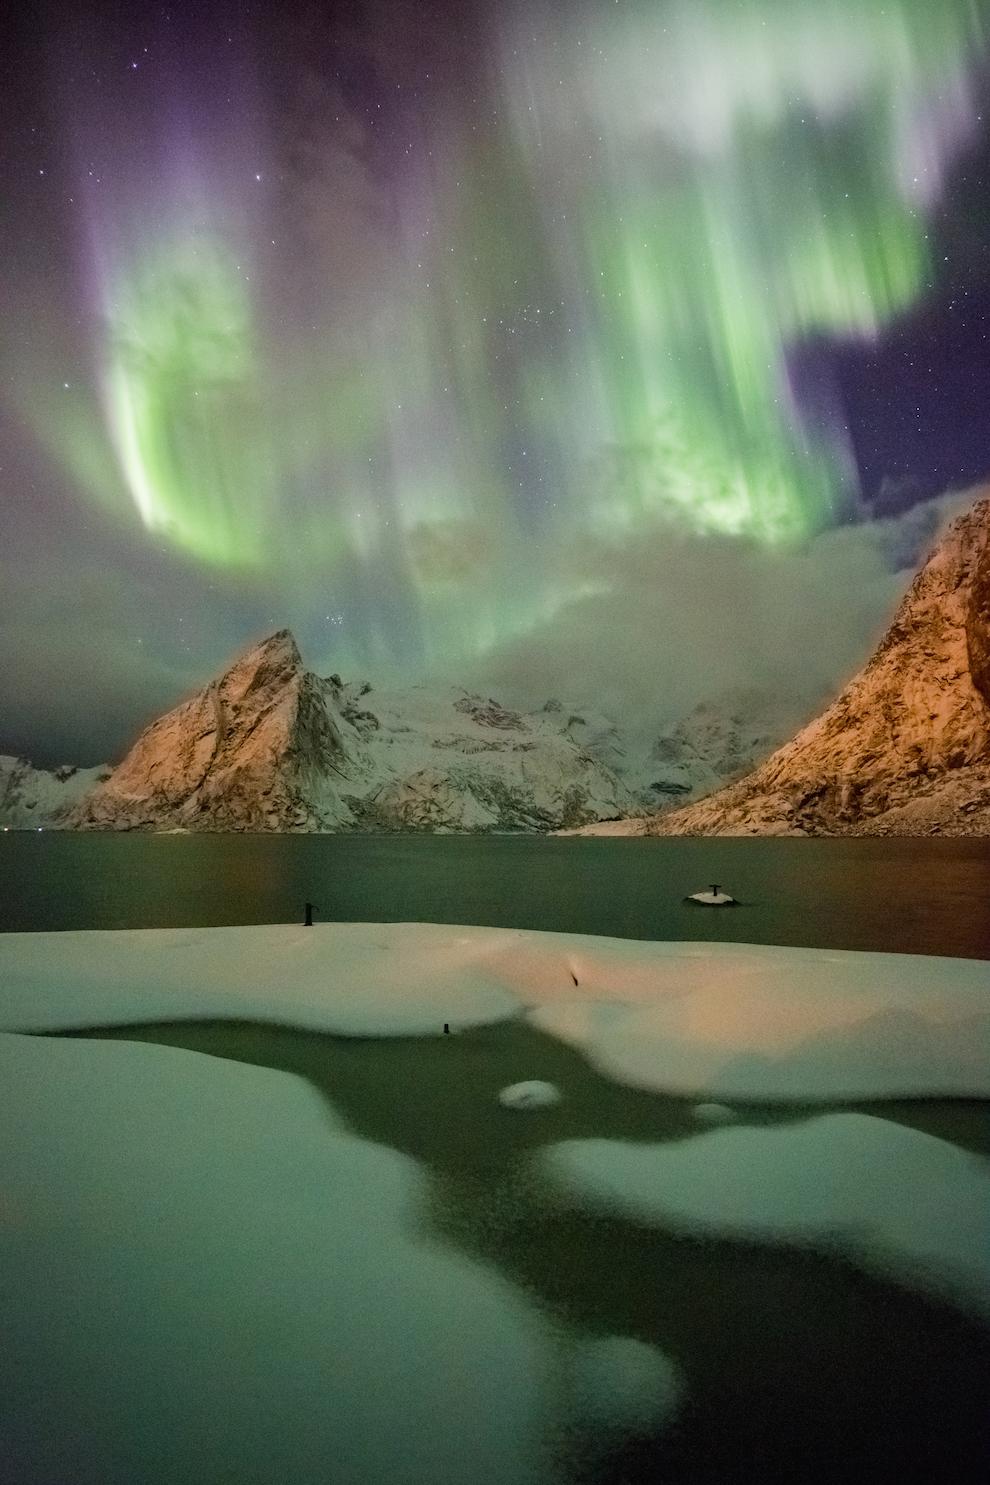 In Insulele Lofoten, Aurora Boreala poate fi observata de la finalul lunii august pana la jumatatea lunii aprilie. Din motive inca necunoscute, activitatea Aurorei este mai intense in preajma echinoctiilor. Imaginea a fost realizata cu o zi inainte de echinoctiul de primavara, in 2015, in satul Hamnøy.